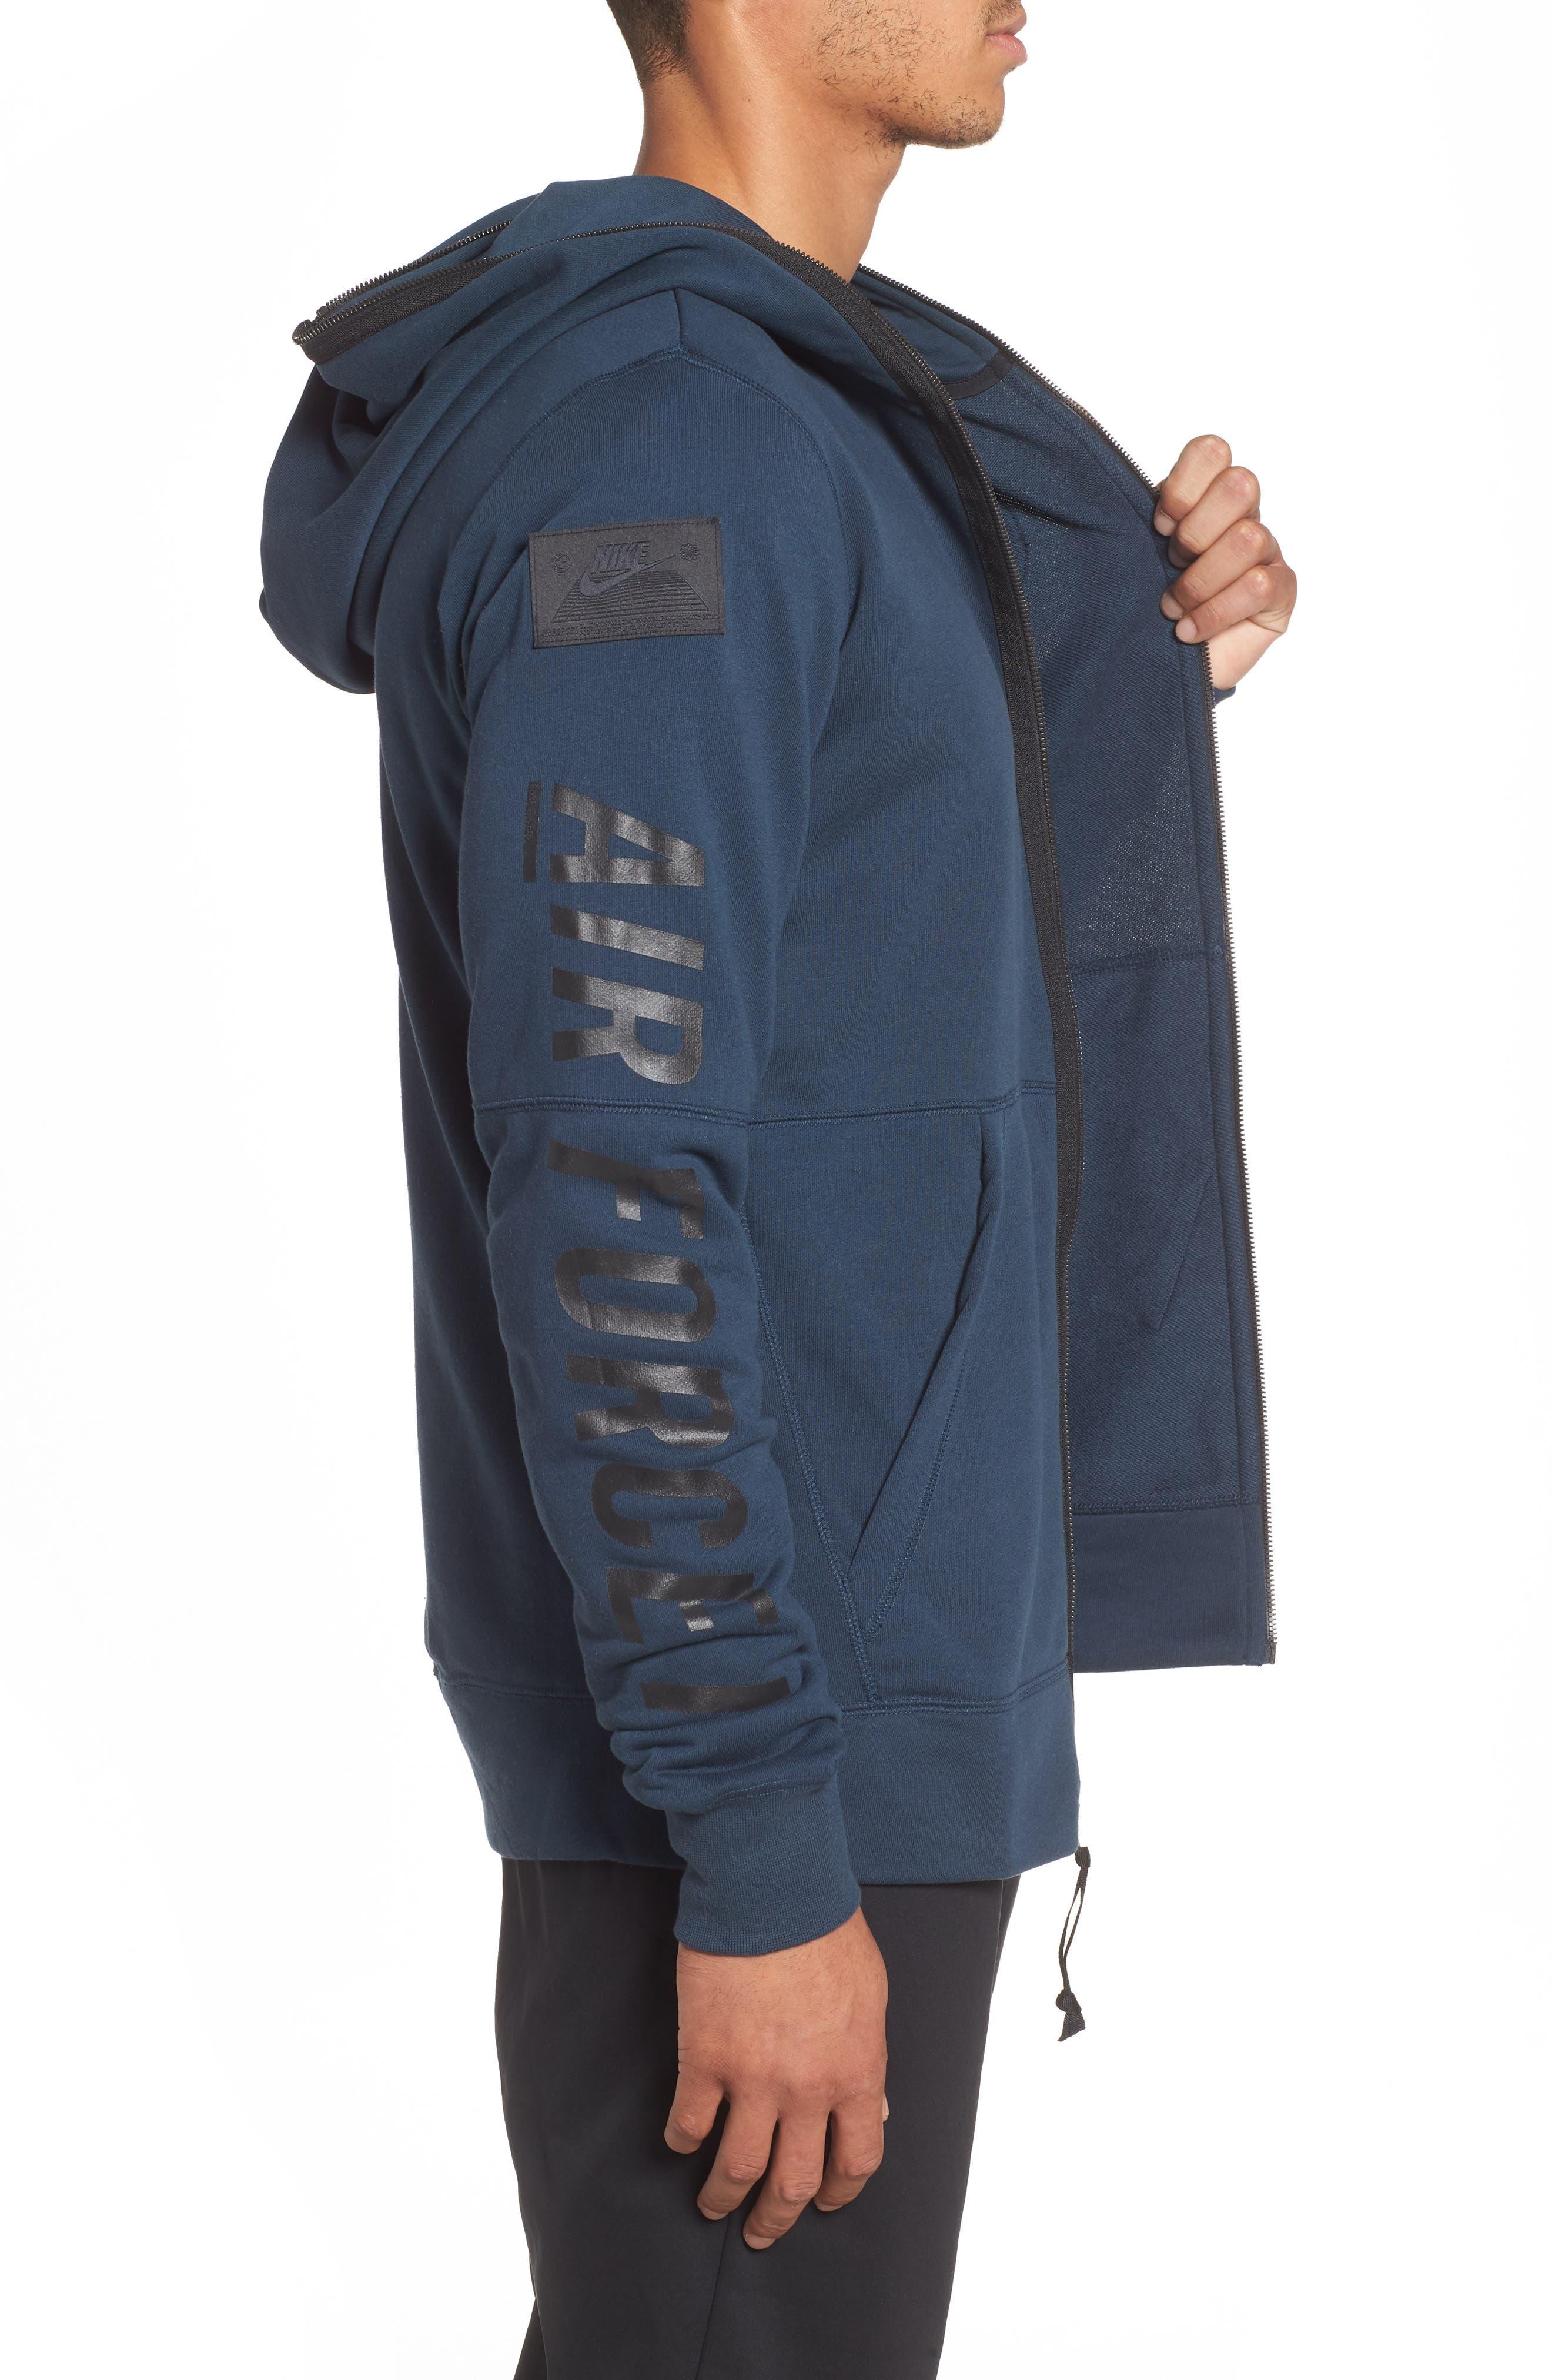 NIKE, Air Force One Zip Hoodie Jacket, Alternate thumbnail 4, color, ARMORY NAVY/ BLACK